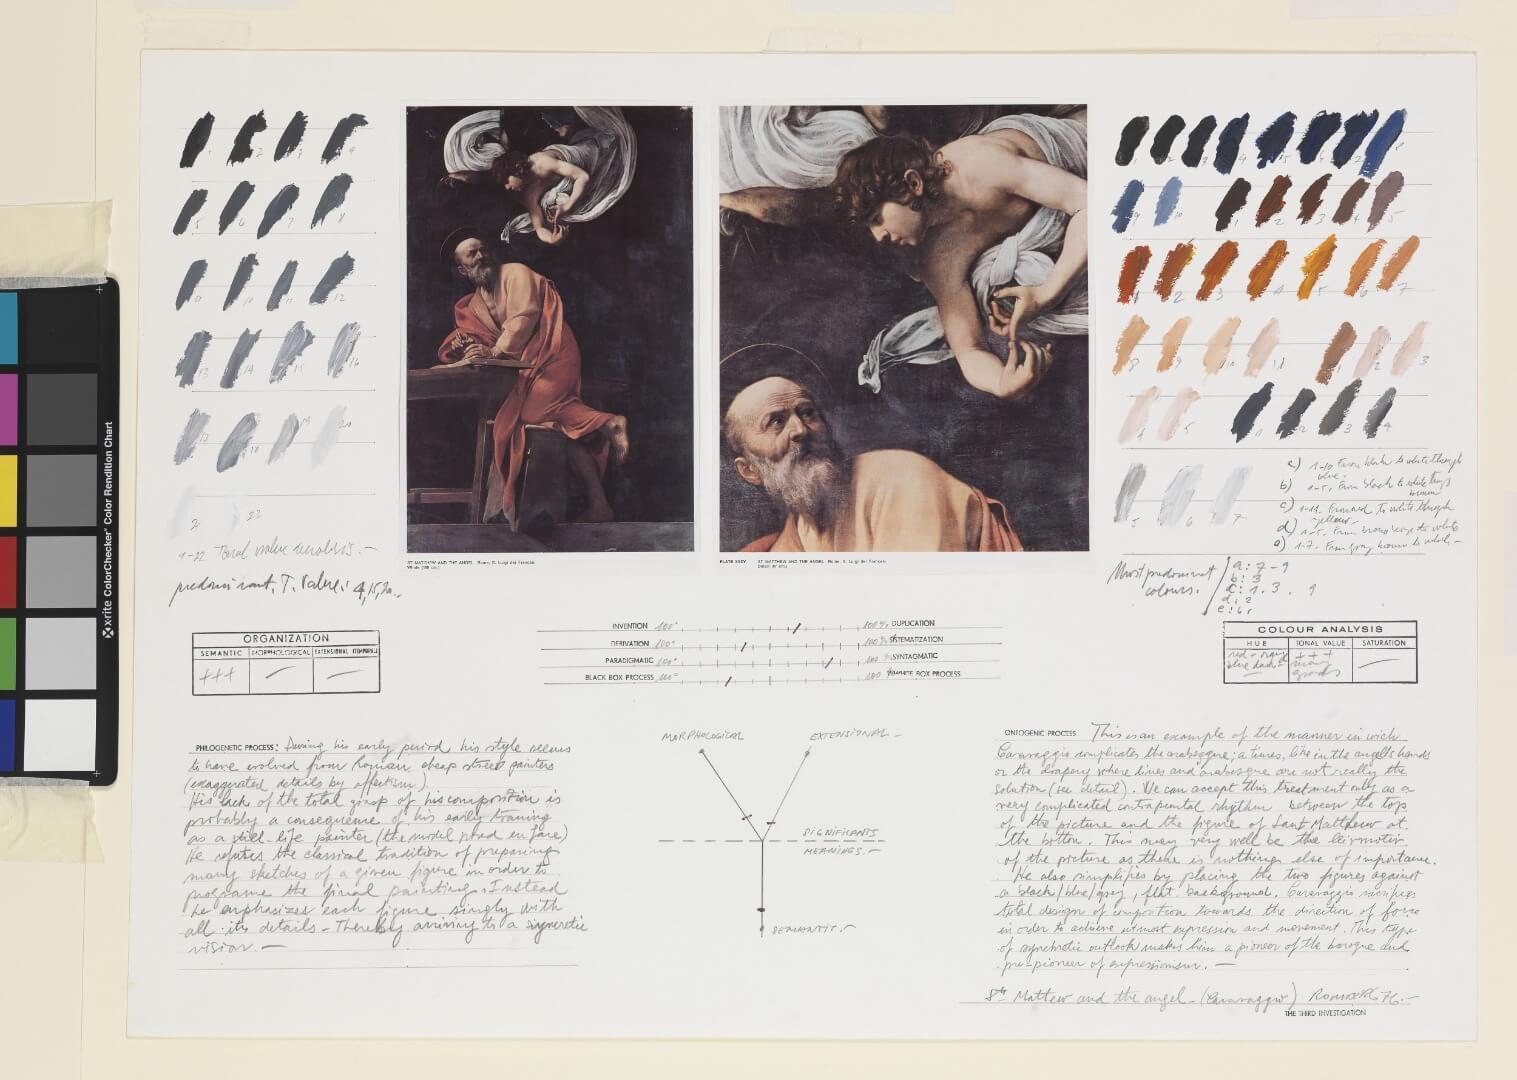 אוסבלדו רומברג, הקדוש מתי והמלאך 1976, מוזיאון ישראל, צילום- אלי פוזנר